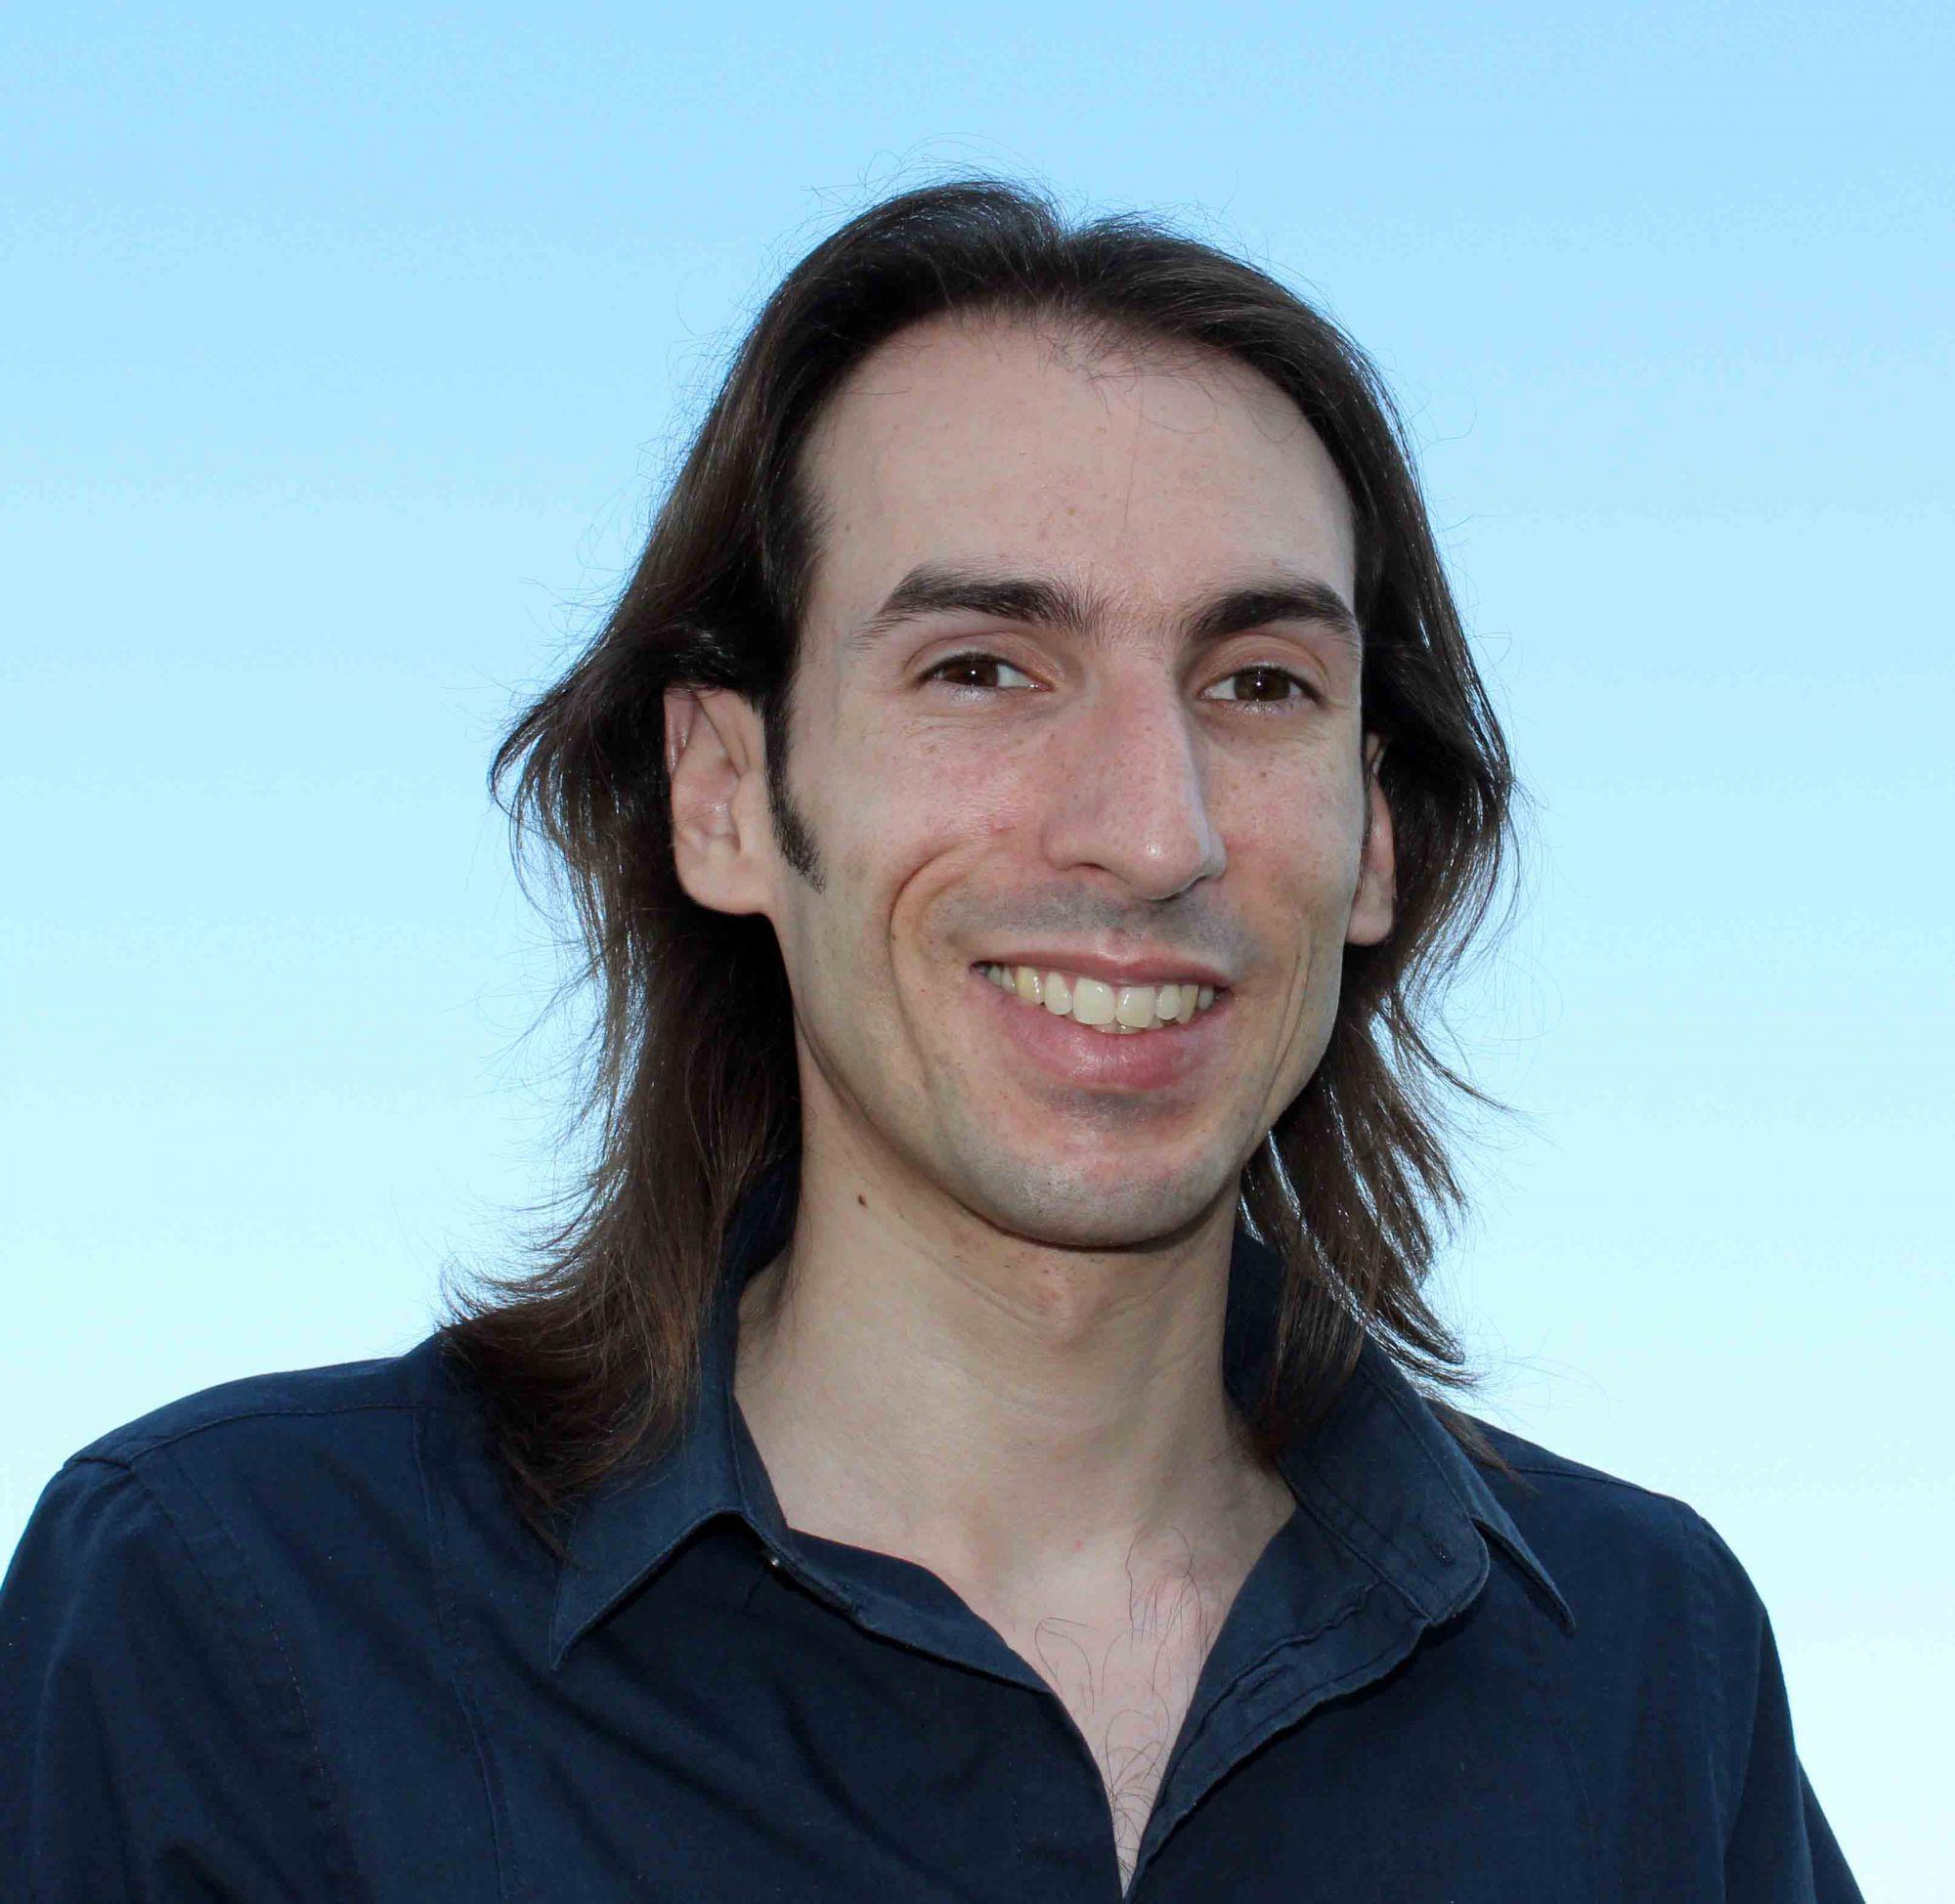 Stefano Martinelli, da Querceta al grande schermo